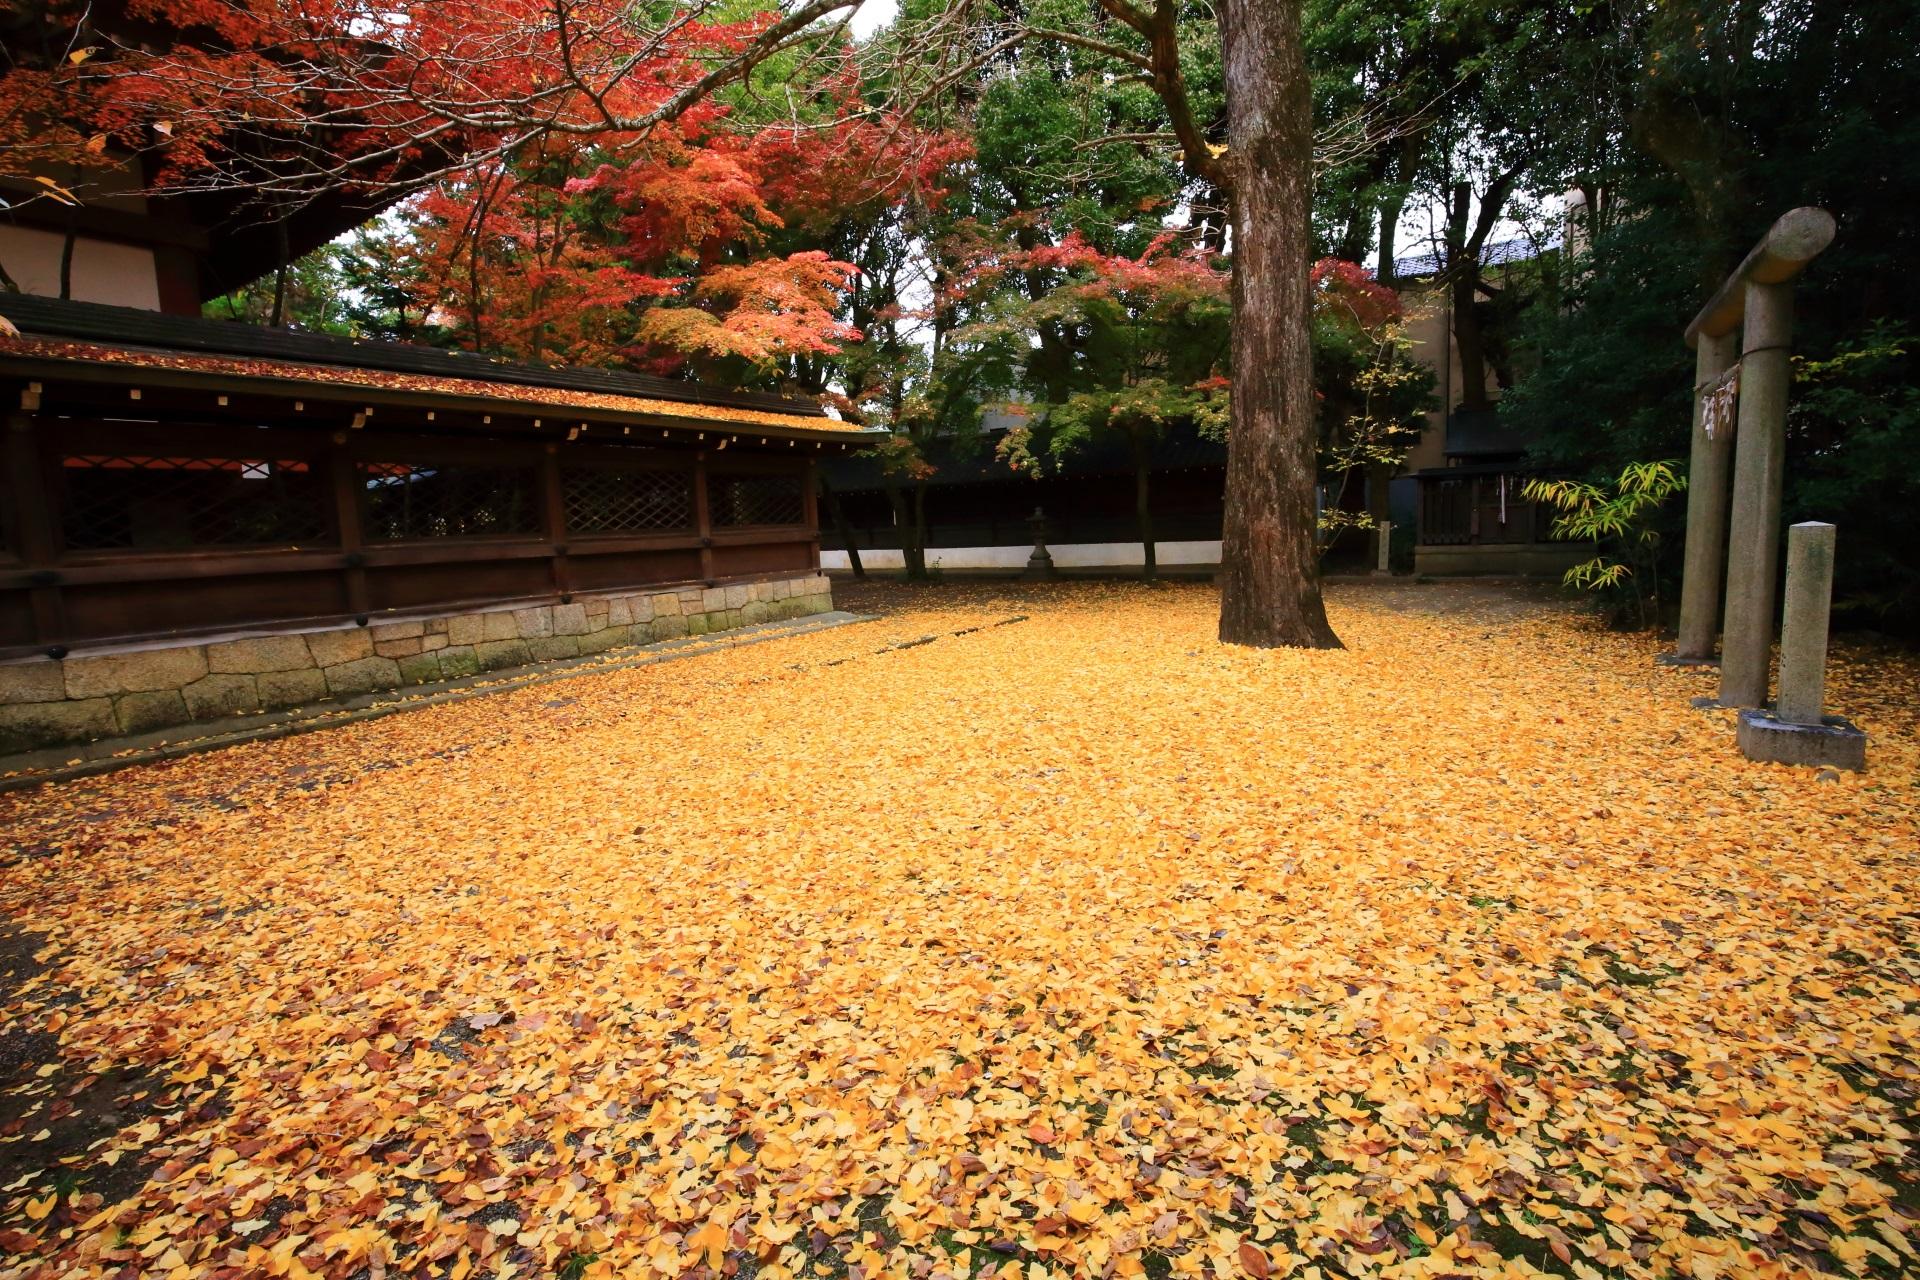 上御霊神社の本殿の裏(本殿東側)の散り銀杏と紅葉